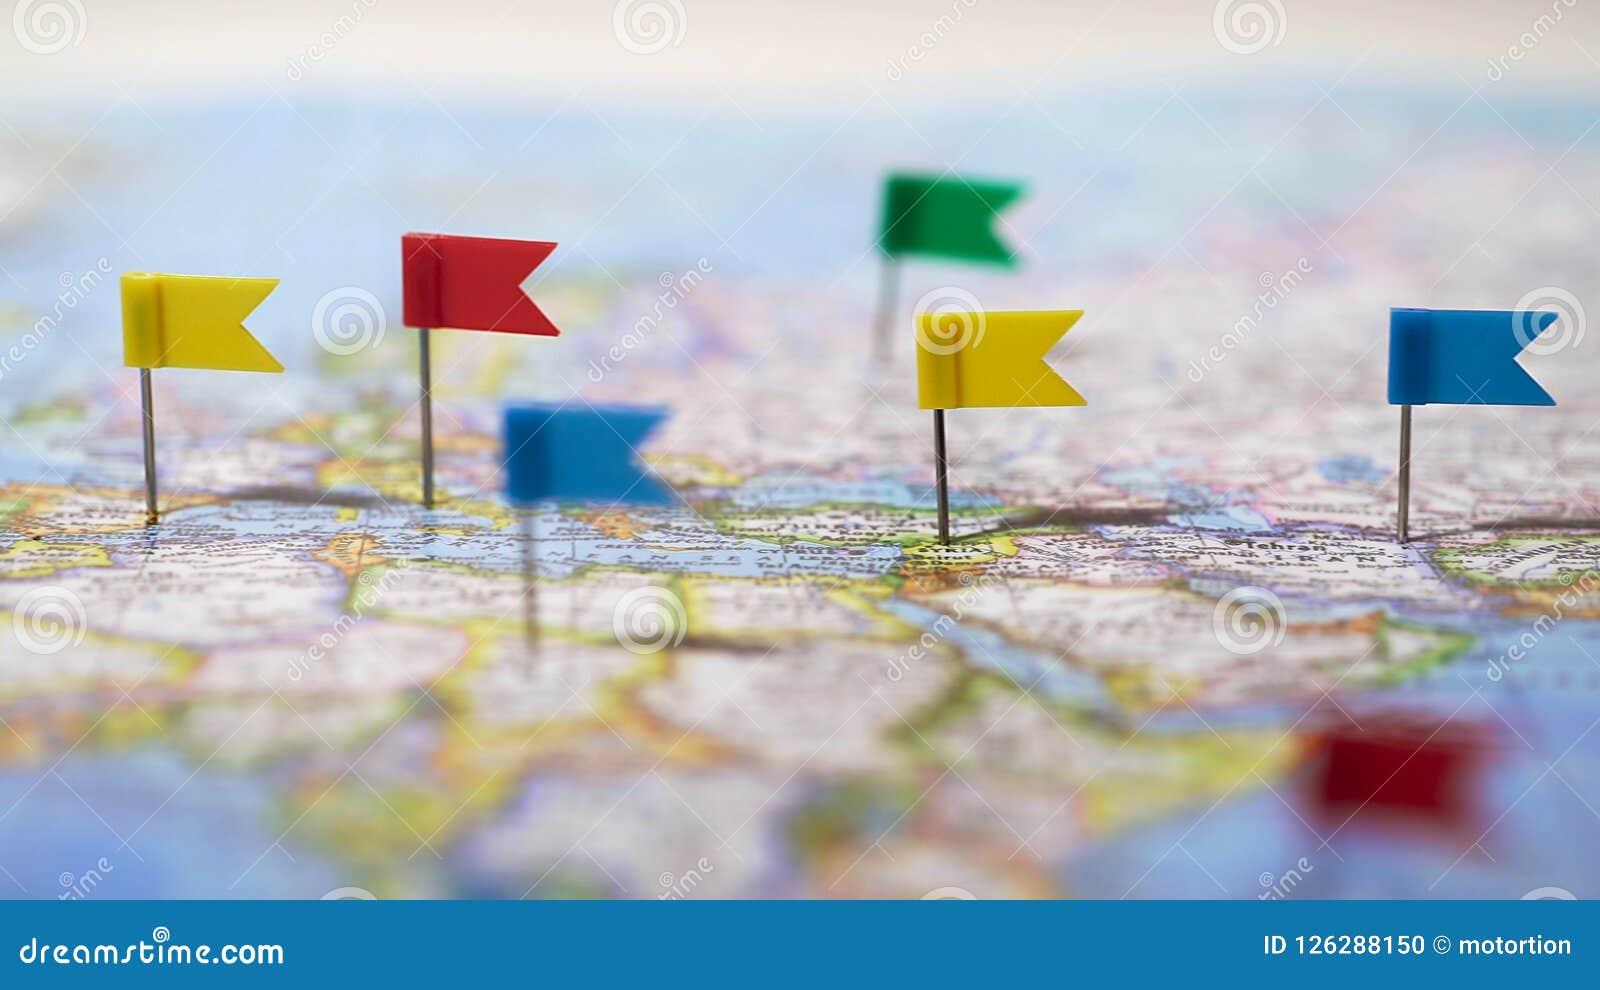 Viele Standorte markiert mit Stiften von der Weltkarte, globales Kommunikationsnetz